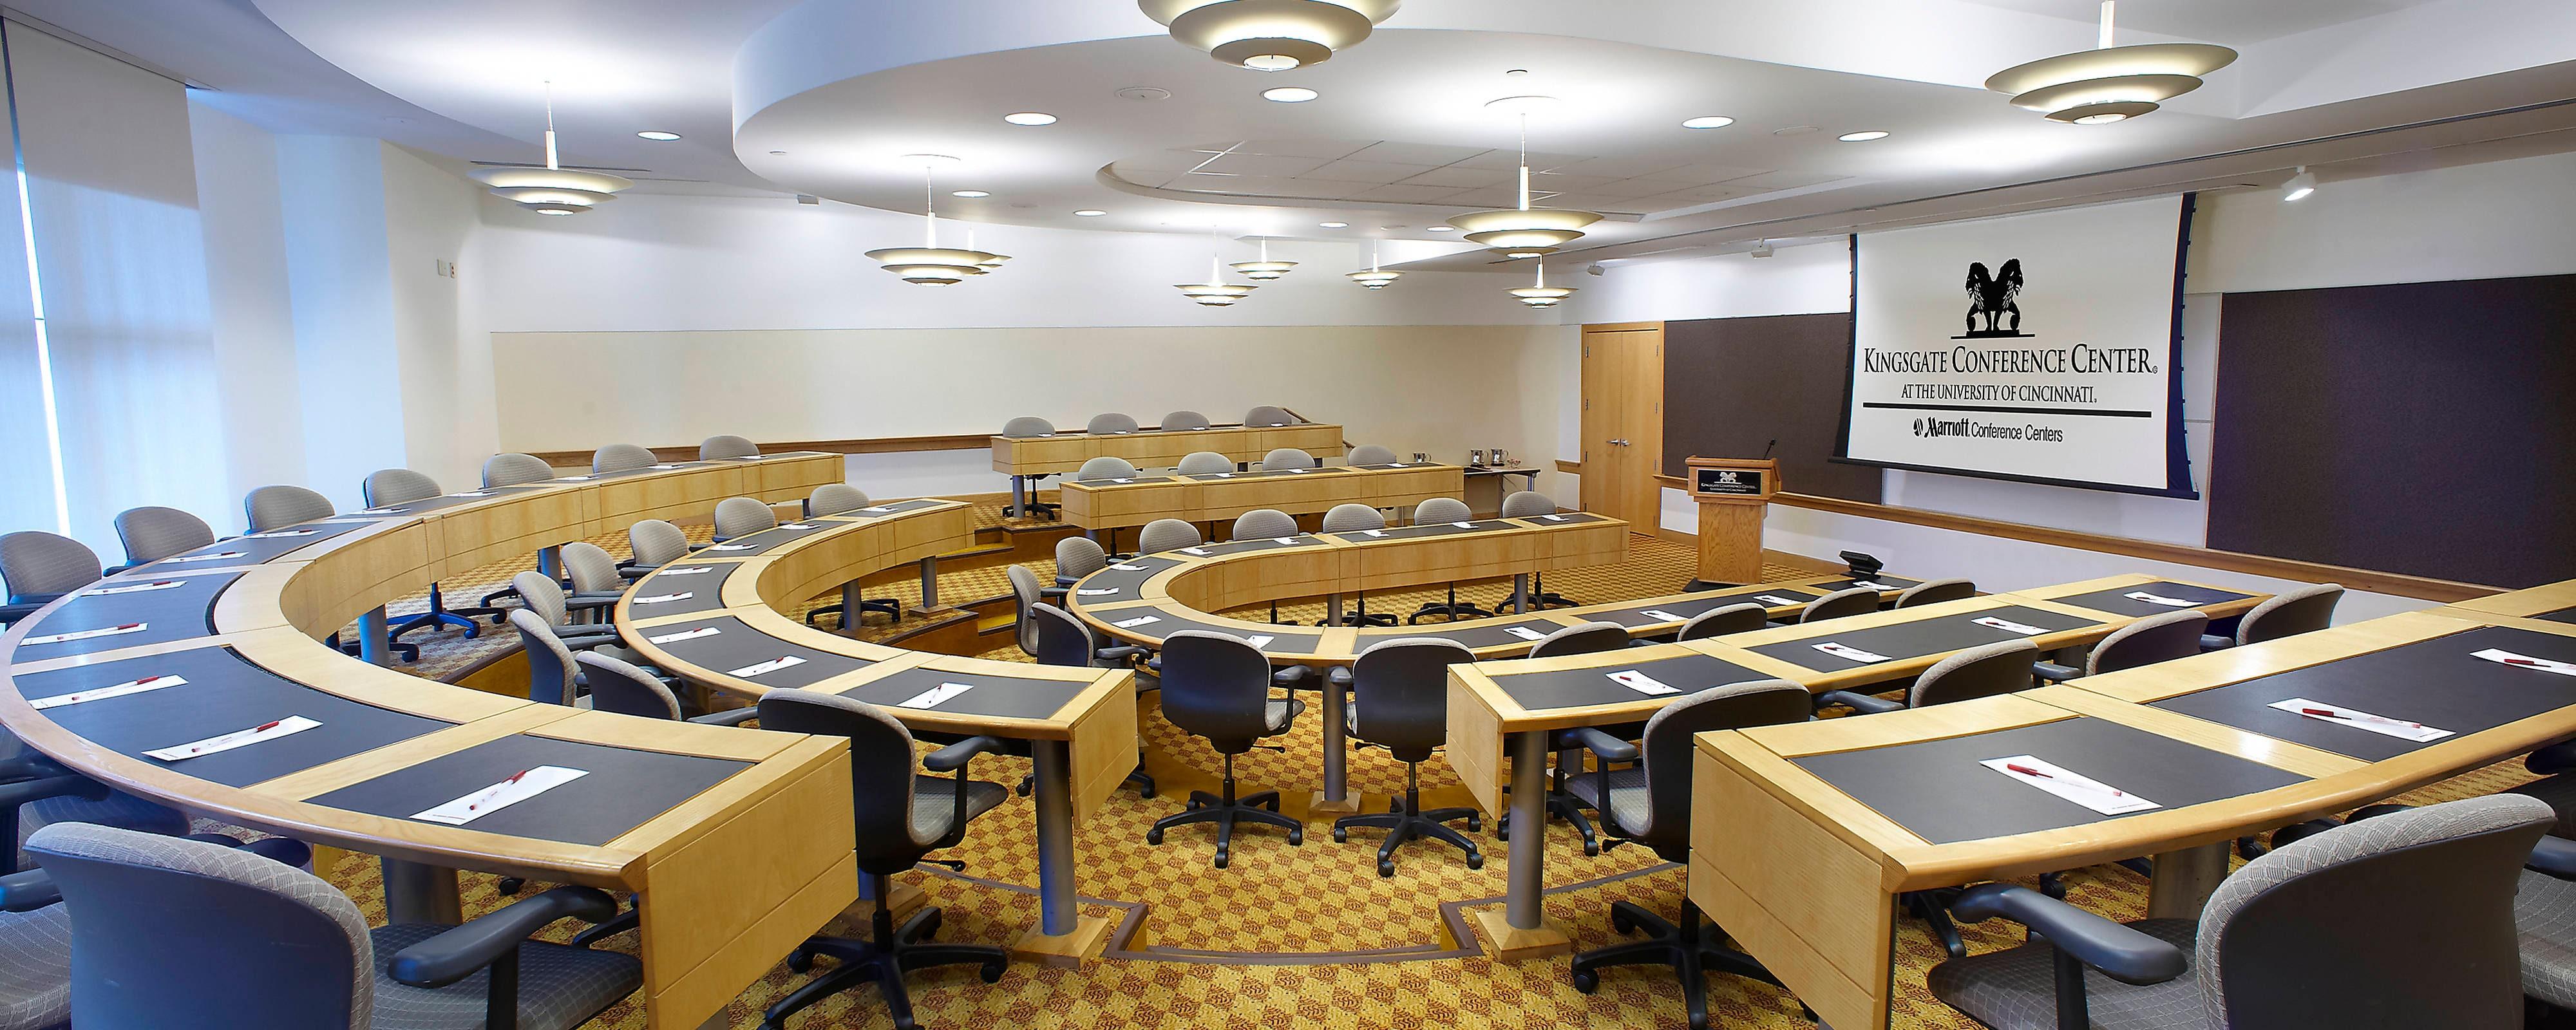 Meeting Rooms In Cincinnati